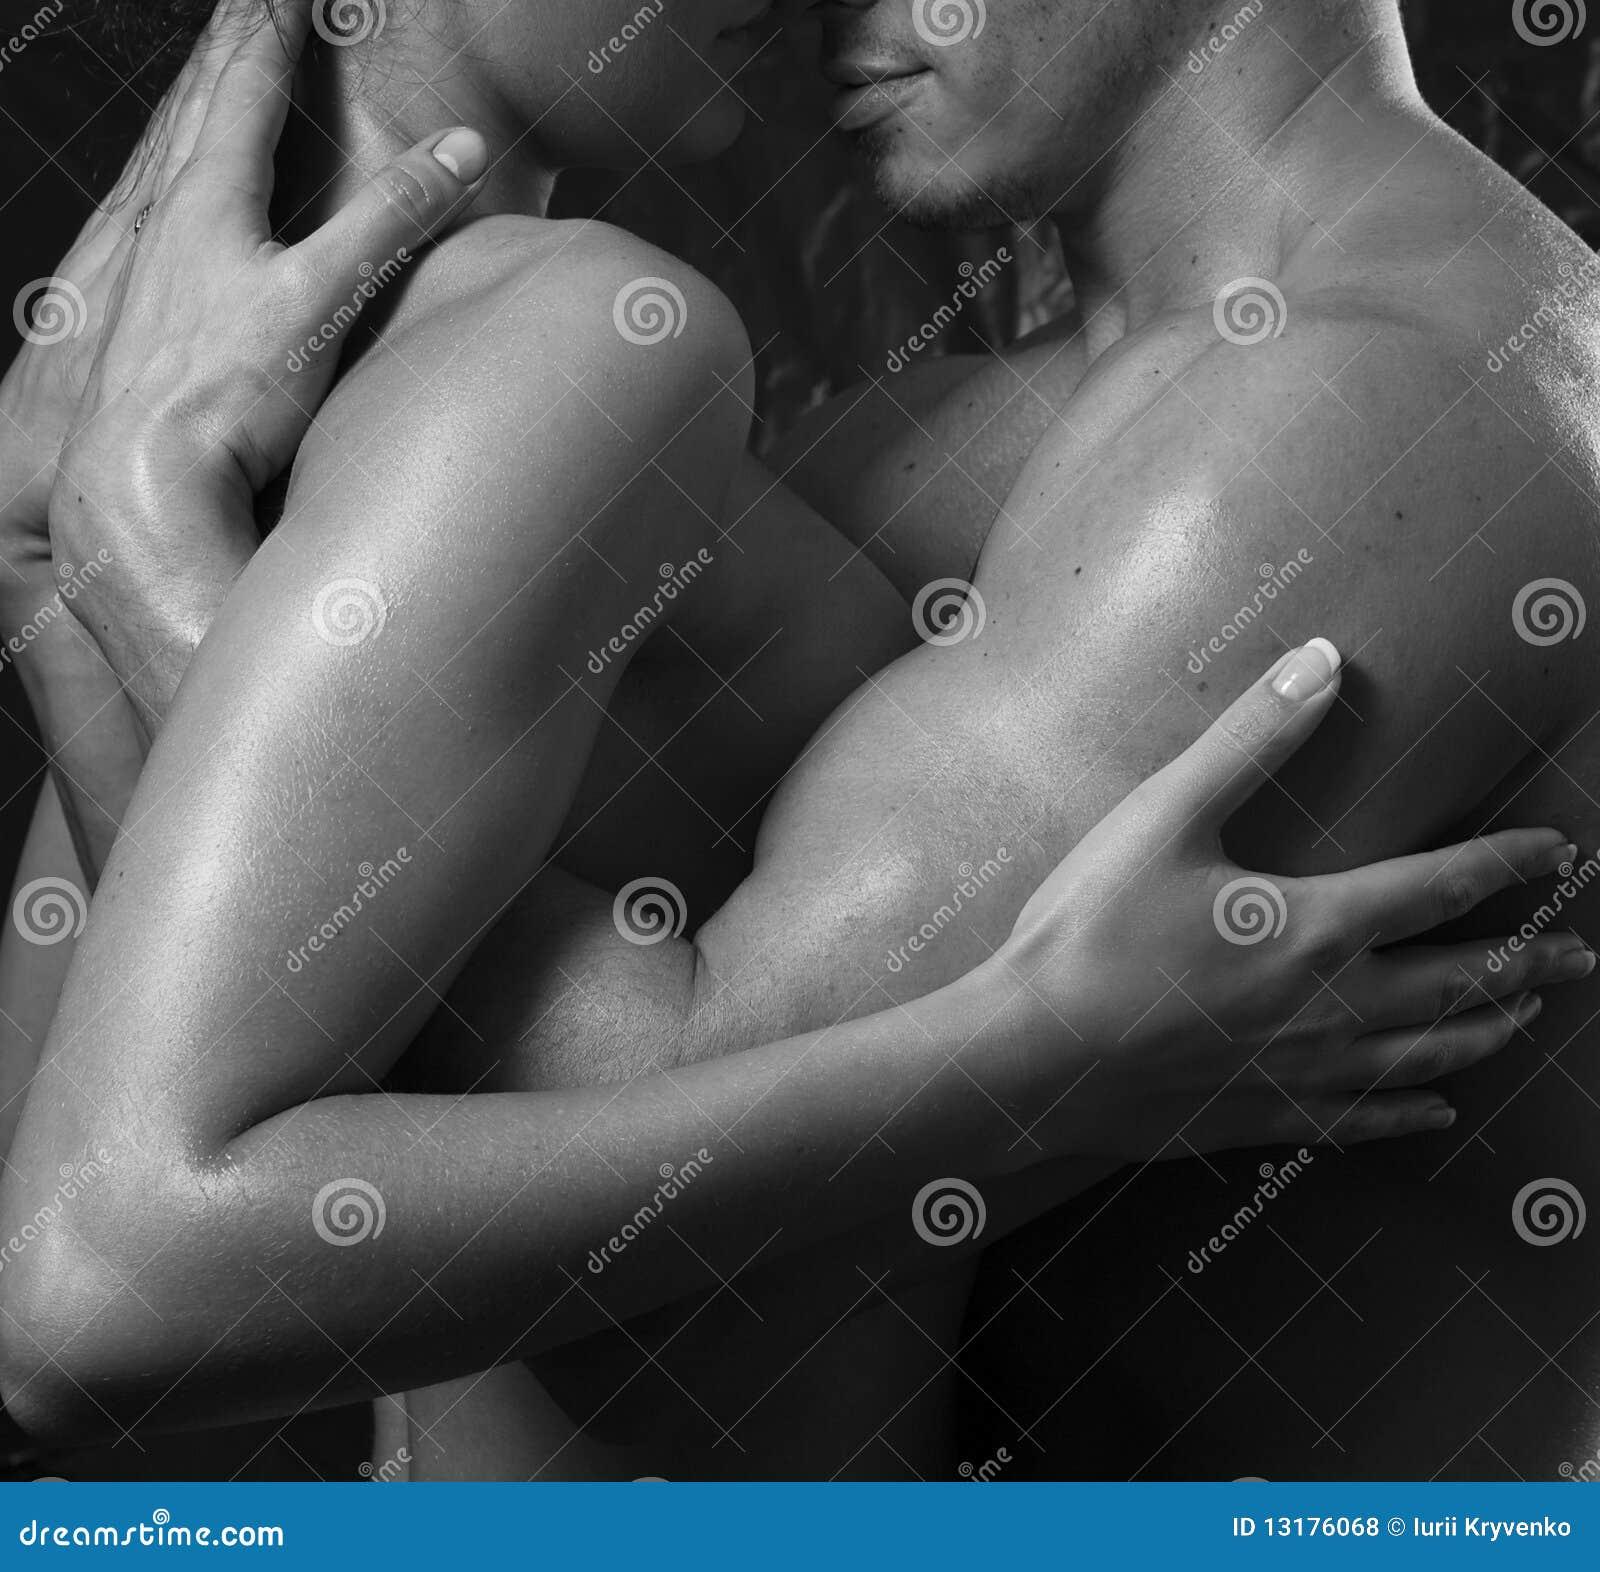 Le dsir de tout homme, trois femmes nues MVideoPorno